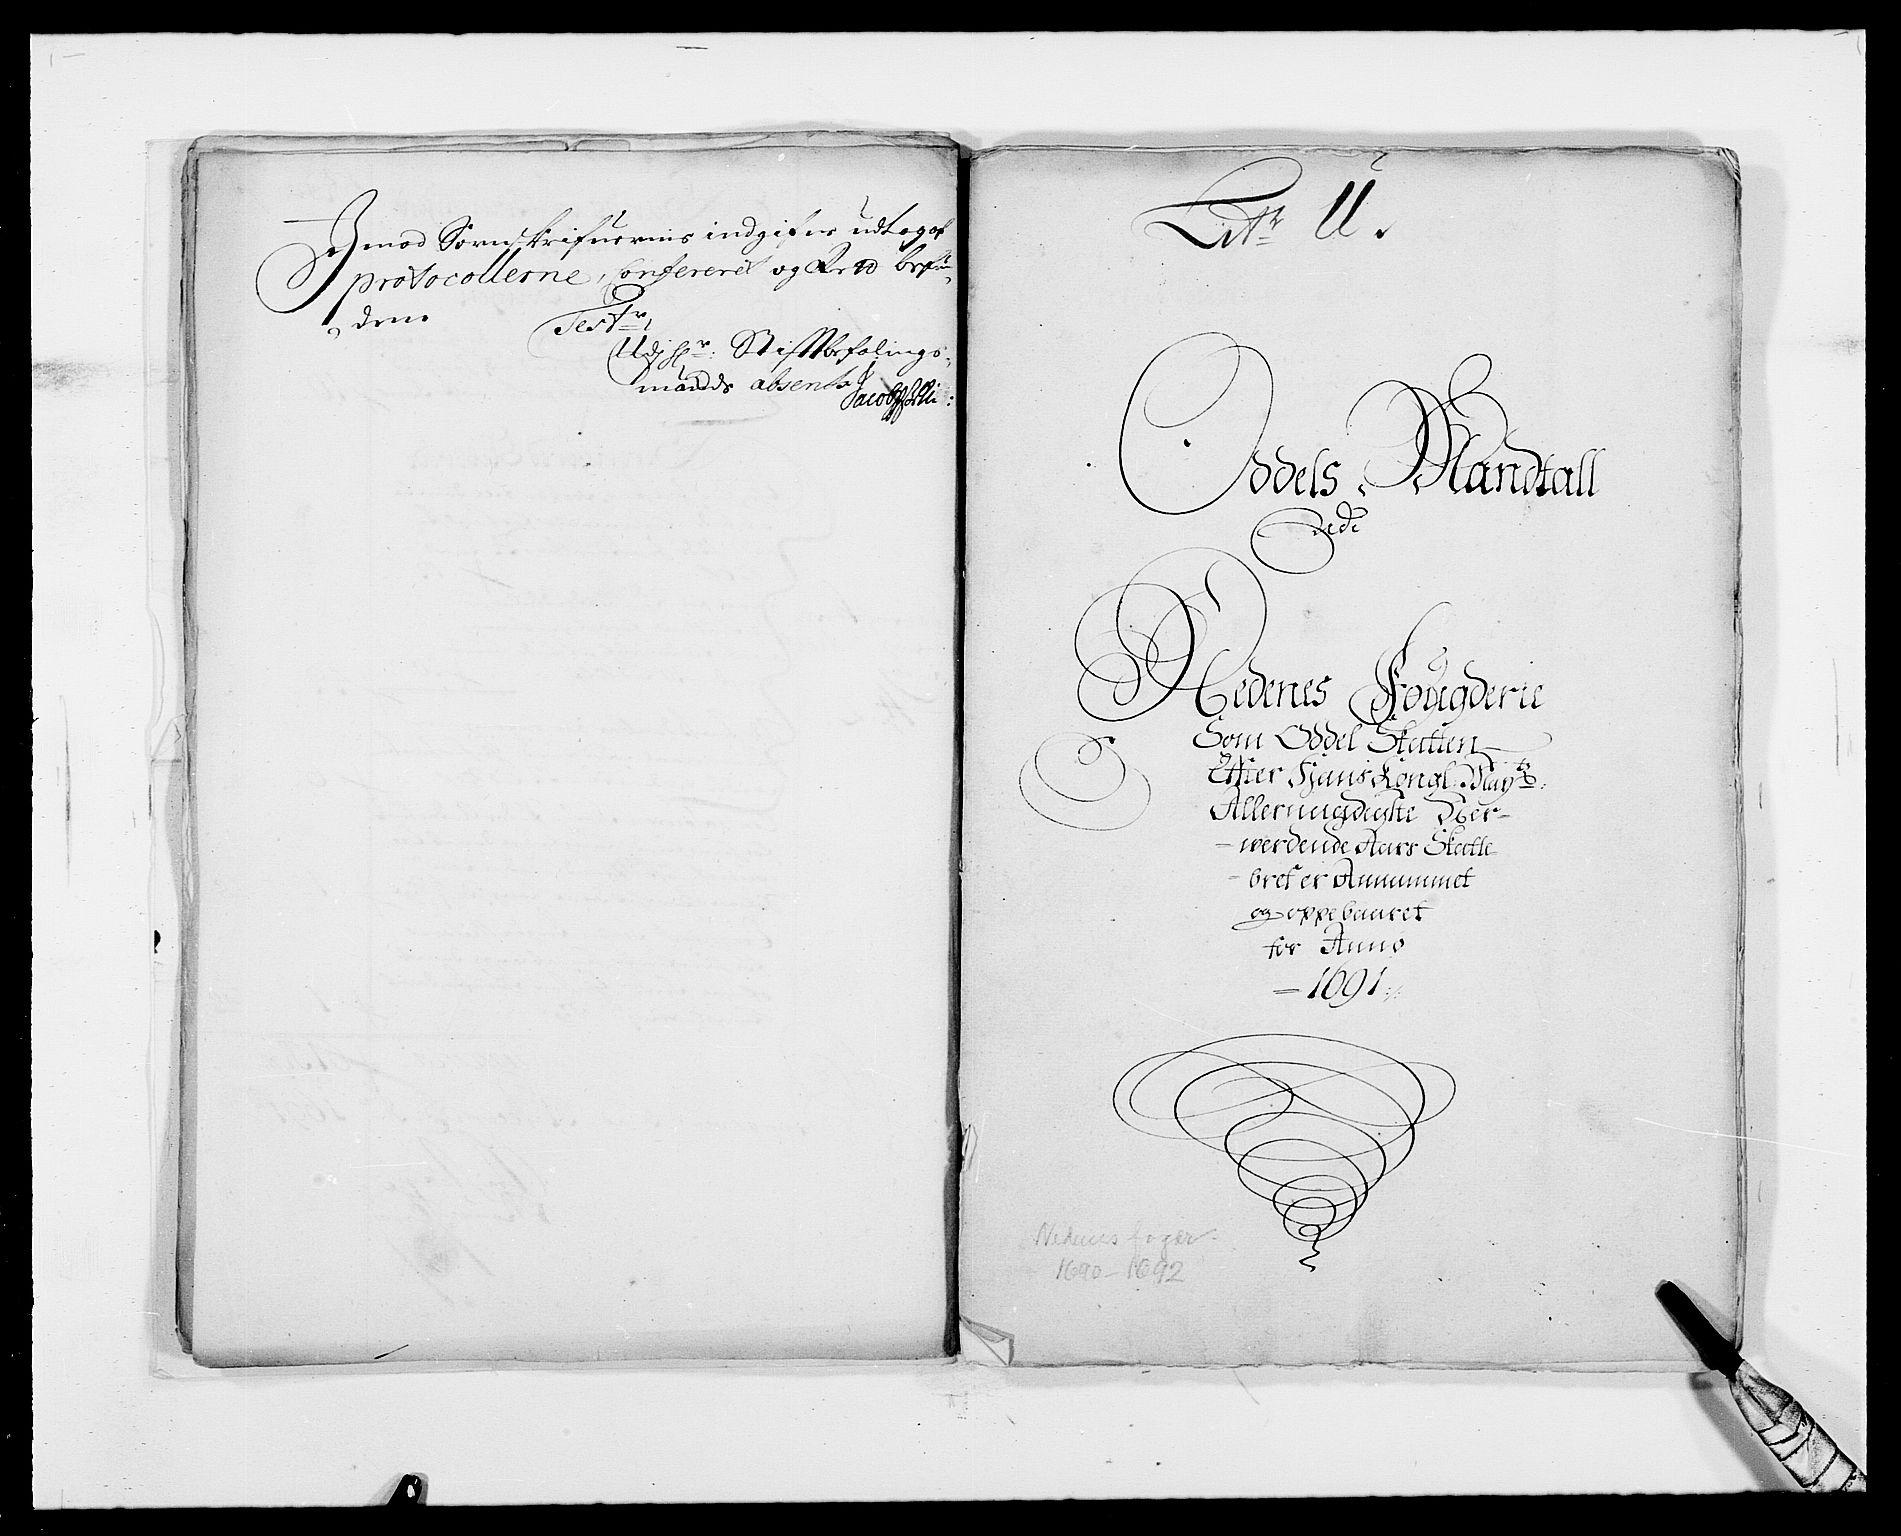 RA, Rentekammeret inntil 1814, Reviderte regnskaper, Fogderegnskap, R39/L2311: Fogderegnskap Nedenes, 1690-1692, s. 20